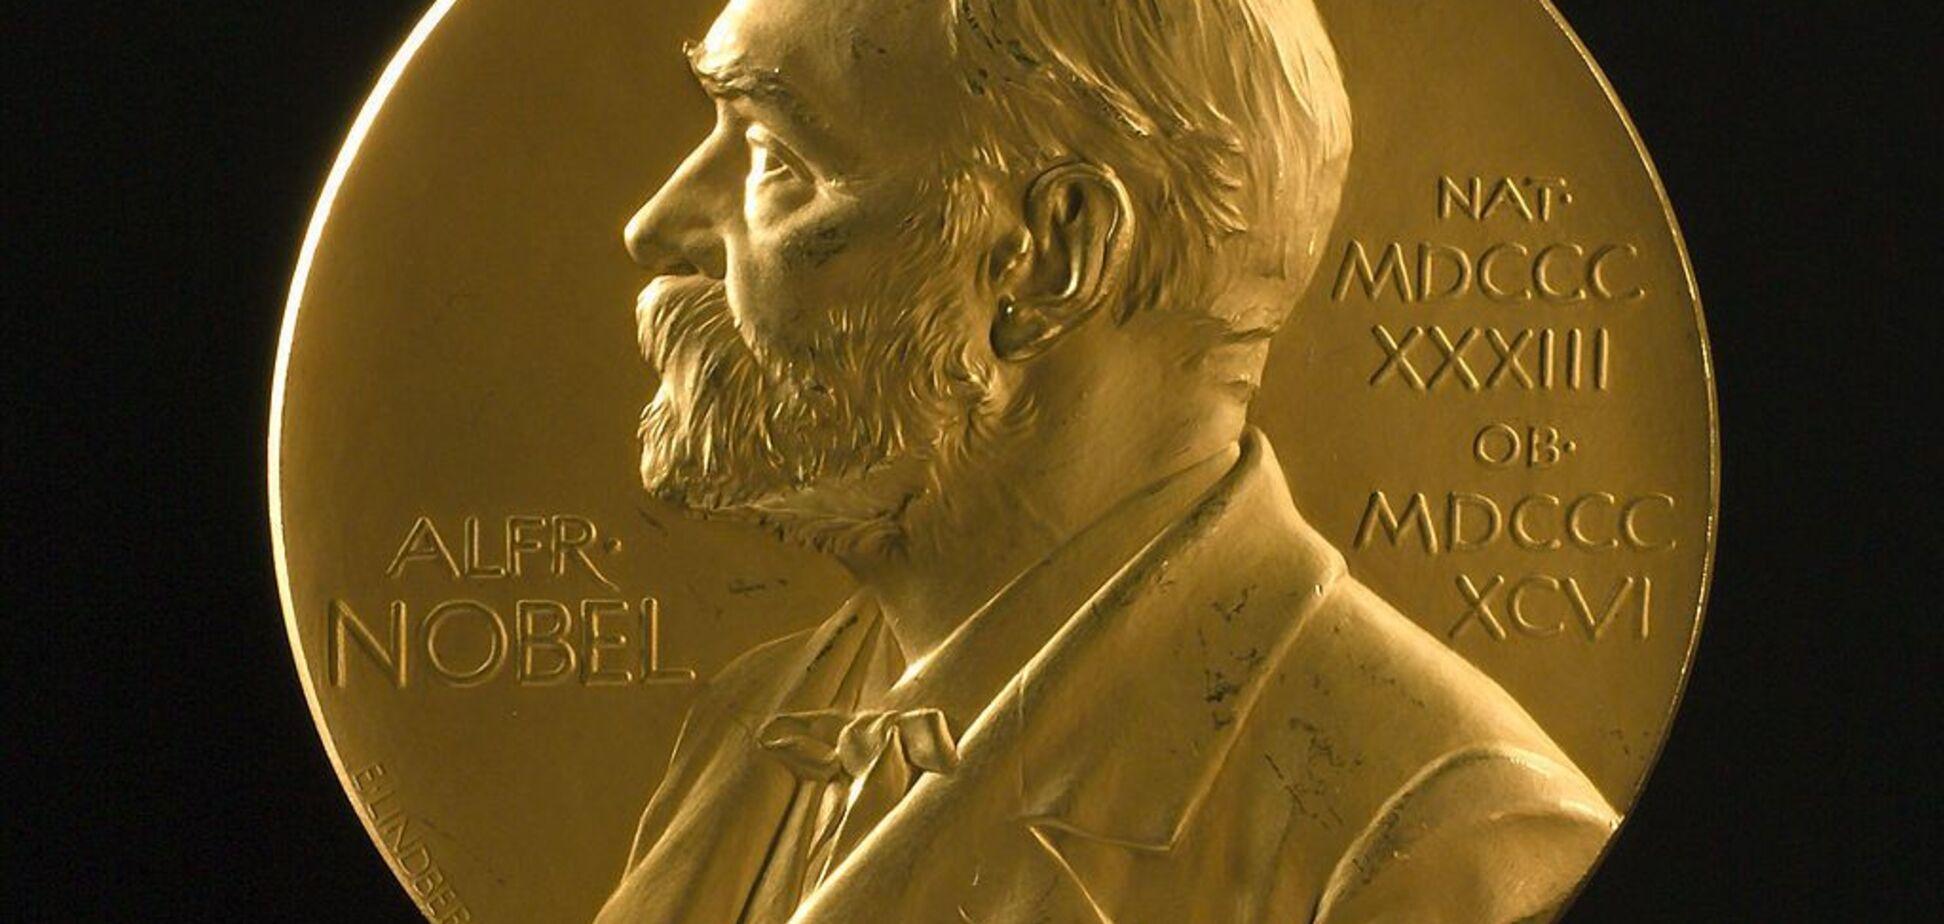 Нобелевская премия: мы спасены?